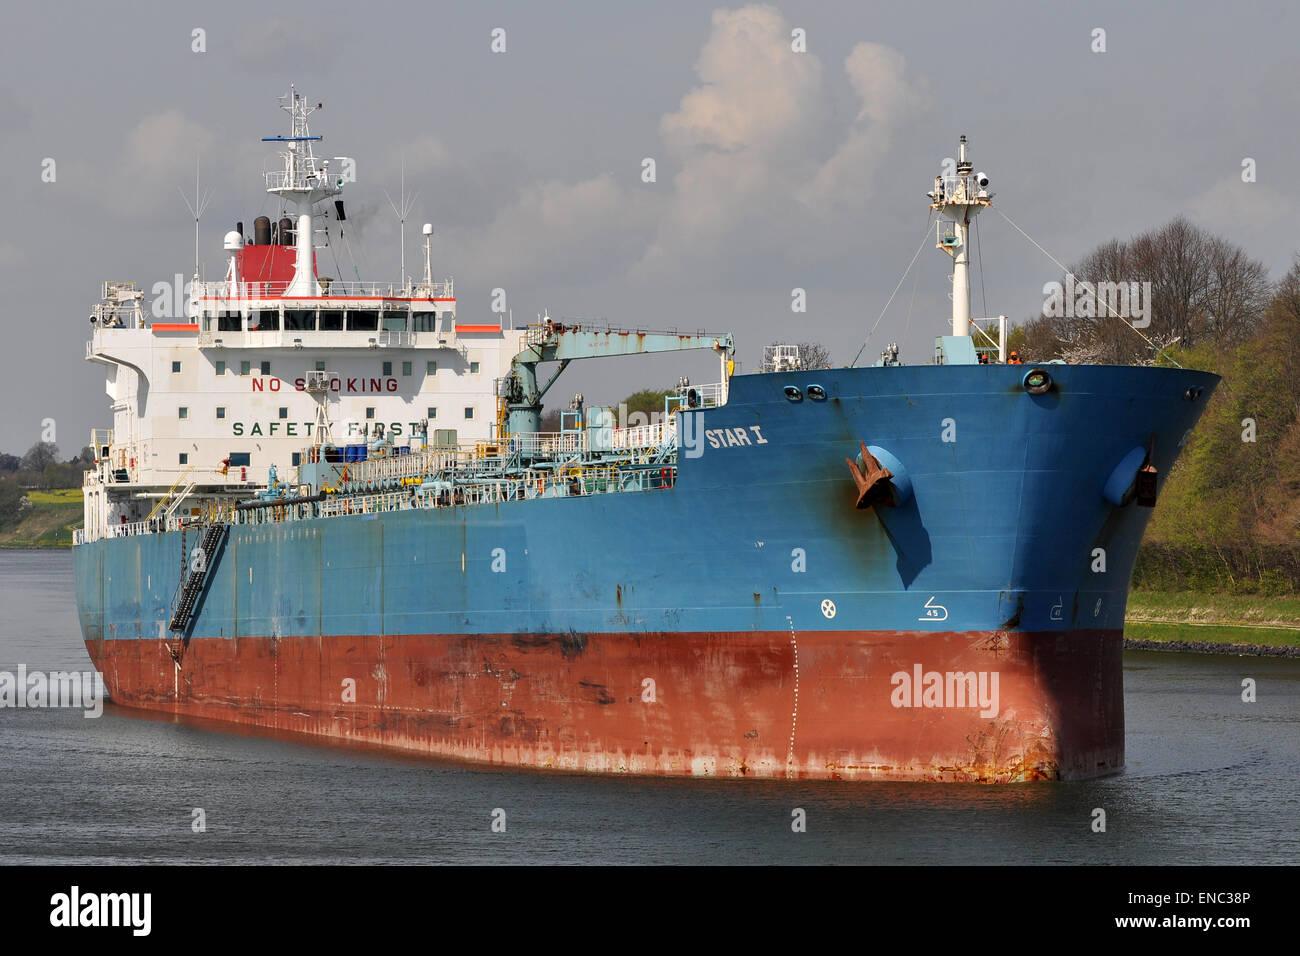 Productos químicos/Oil Tanker Star I en sentido oeste-este en el Canal de Kiel. Foto de stock